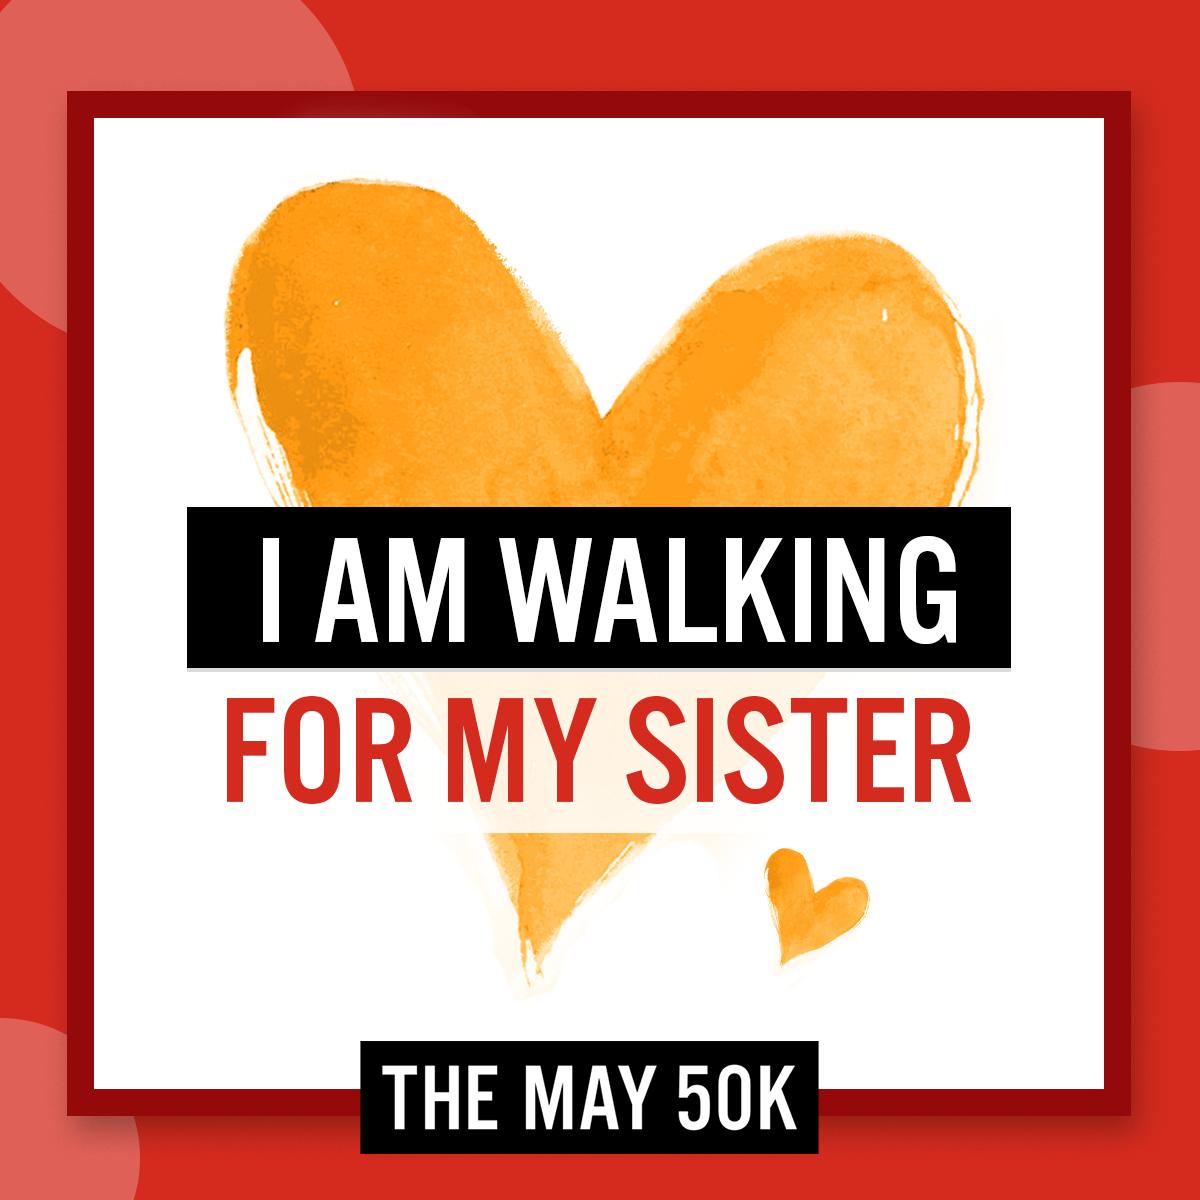 Walk For Sister